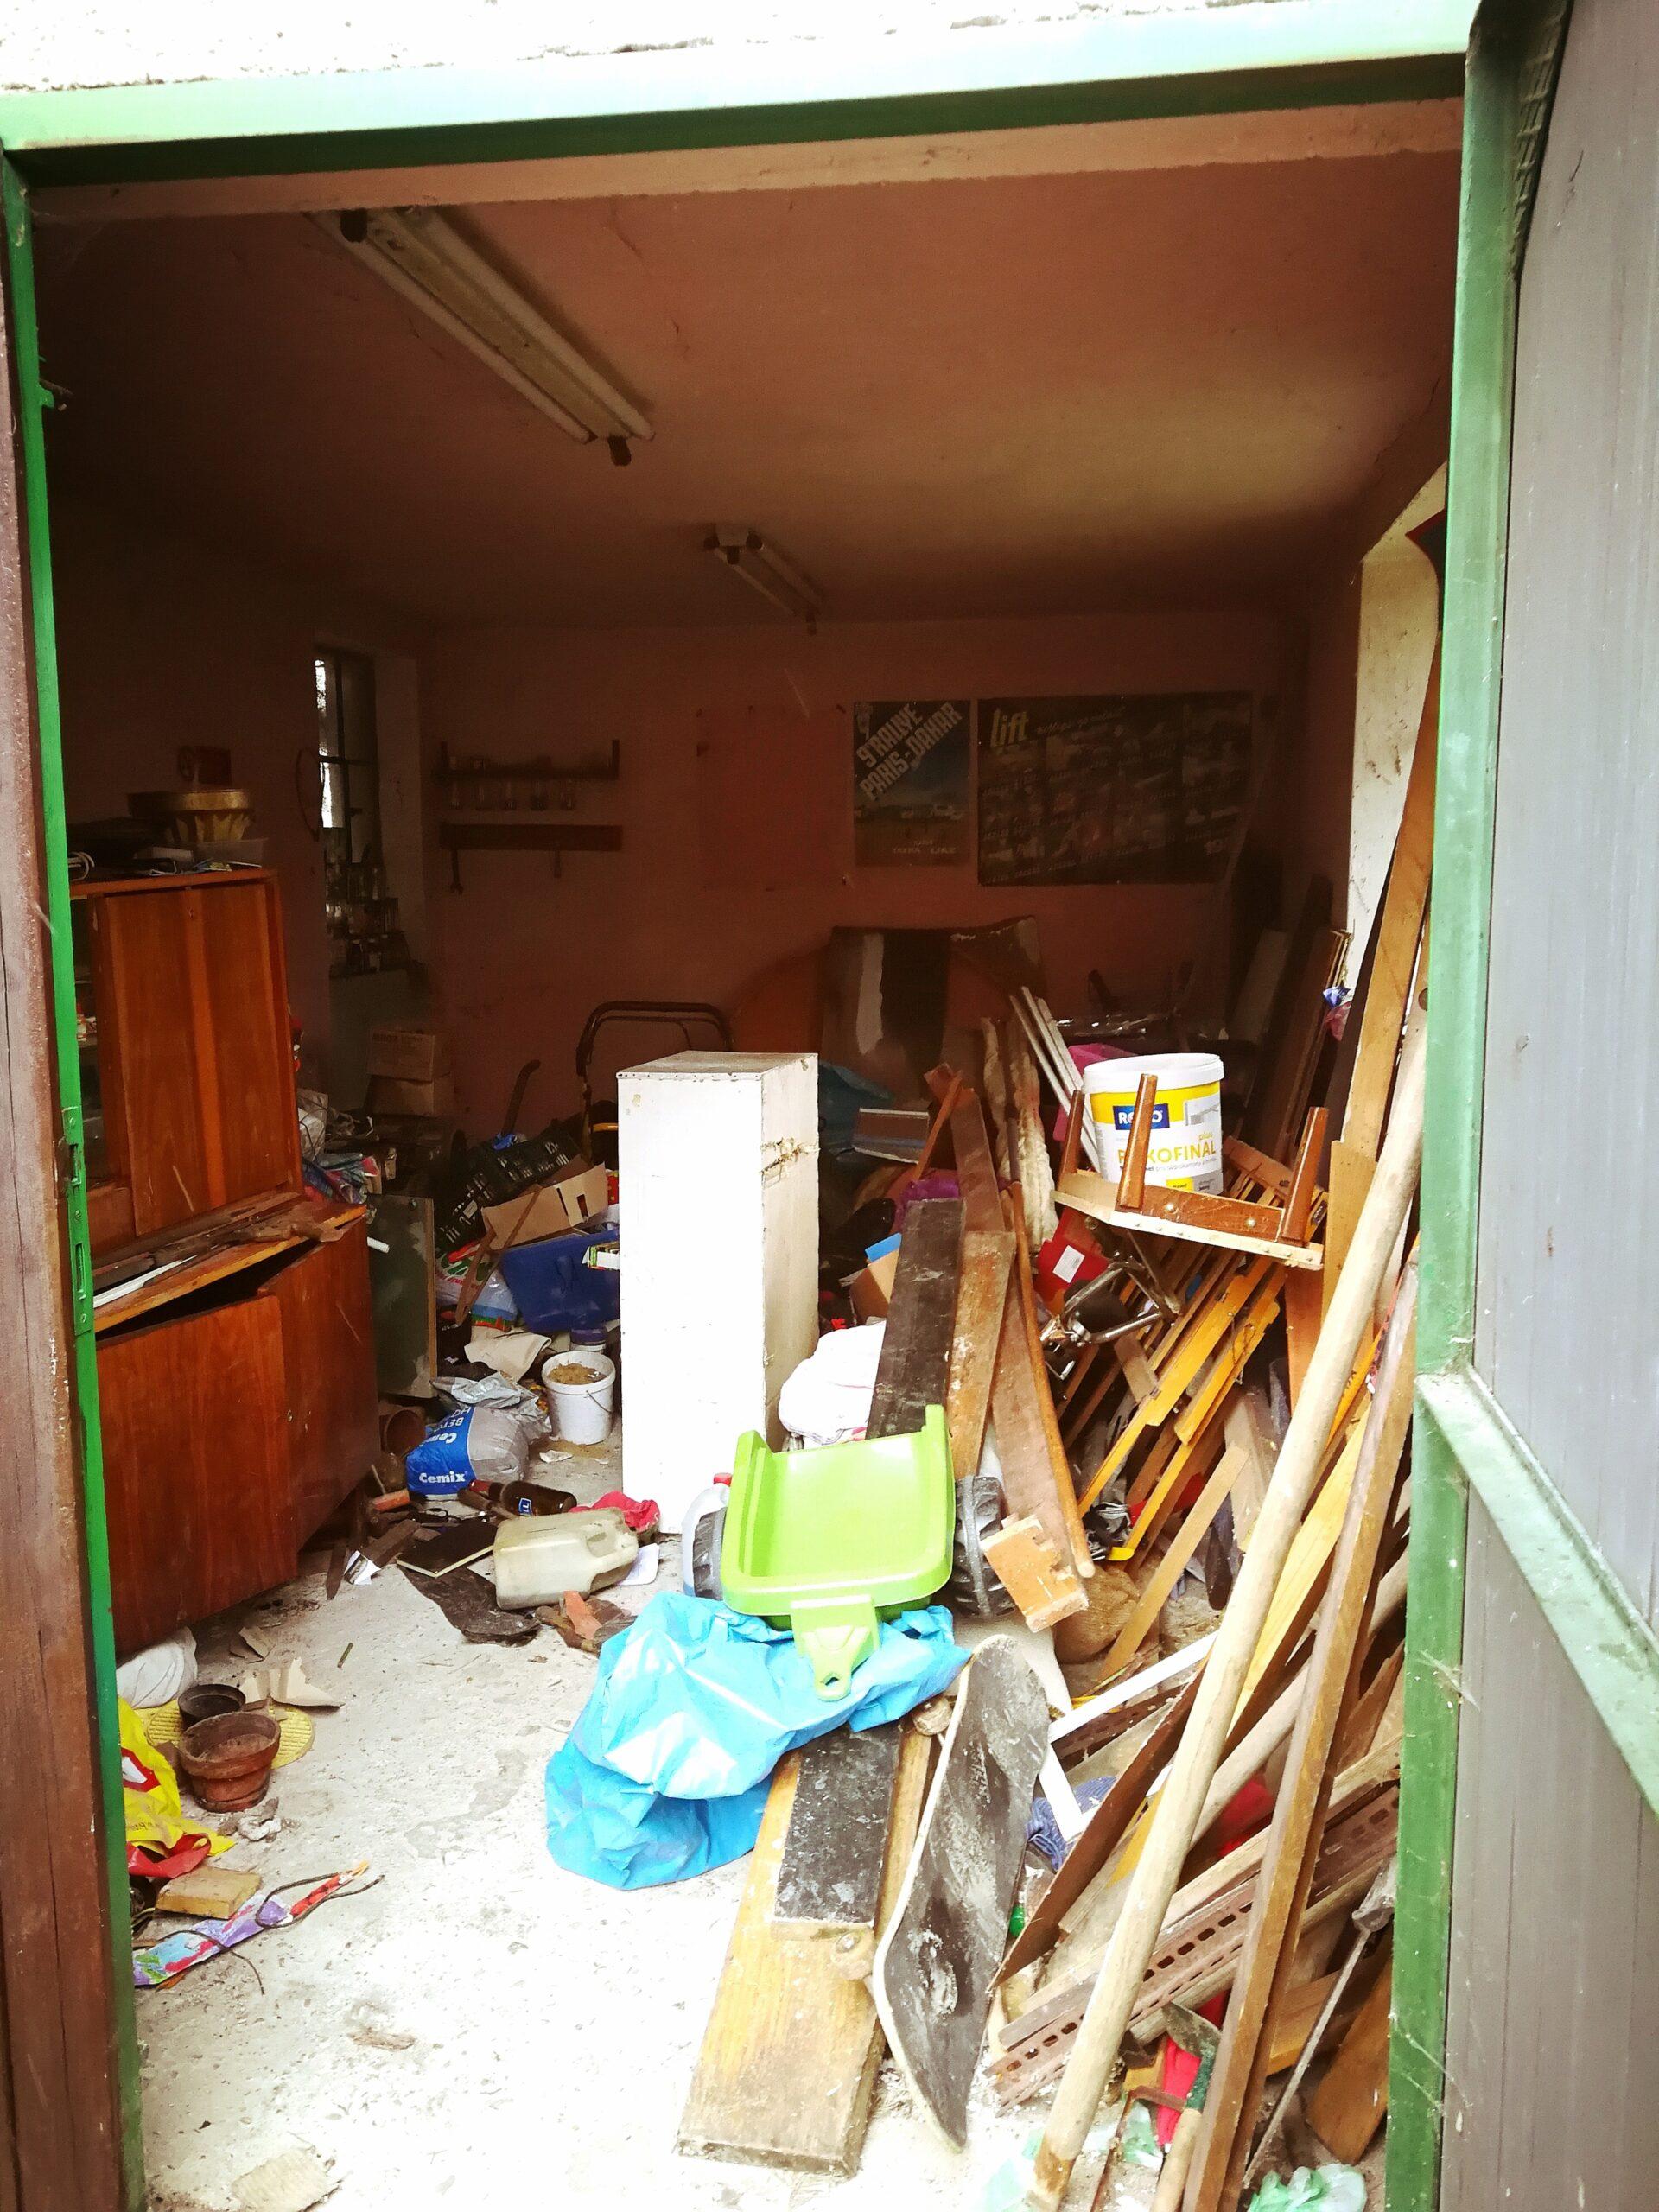 Nepořádek v jedné z vykoupených nemovitostí. I takovouto nemovitost od Vás vykoupíme.